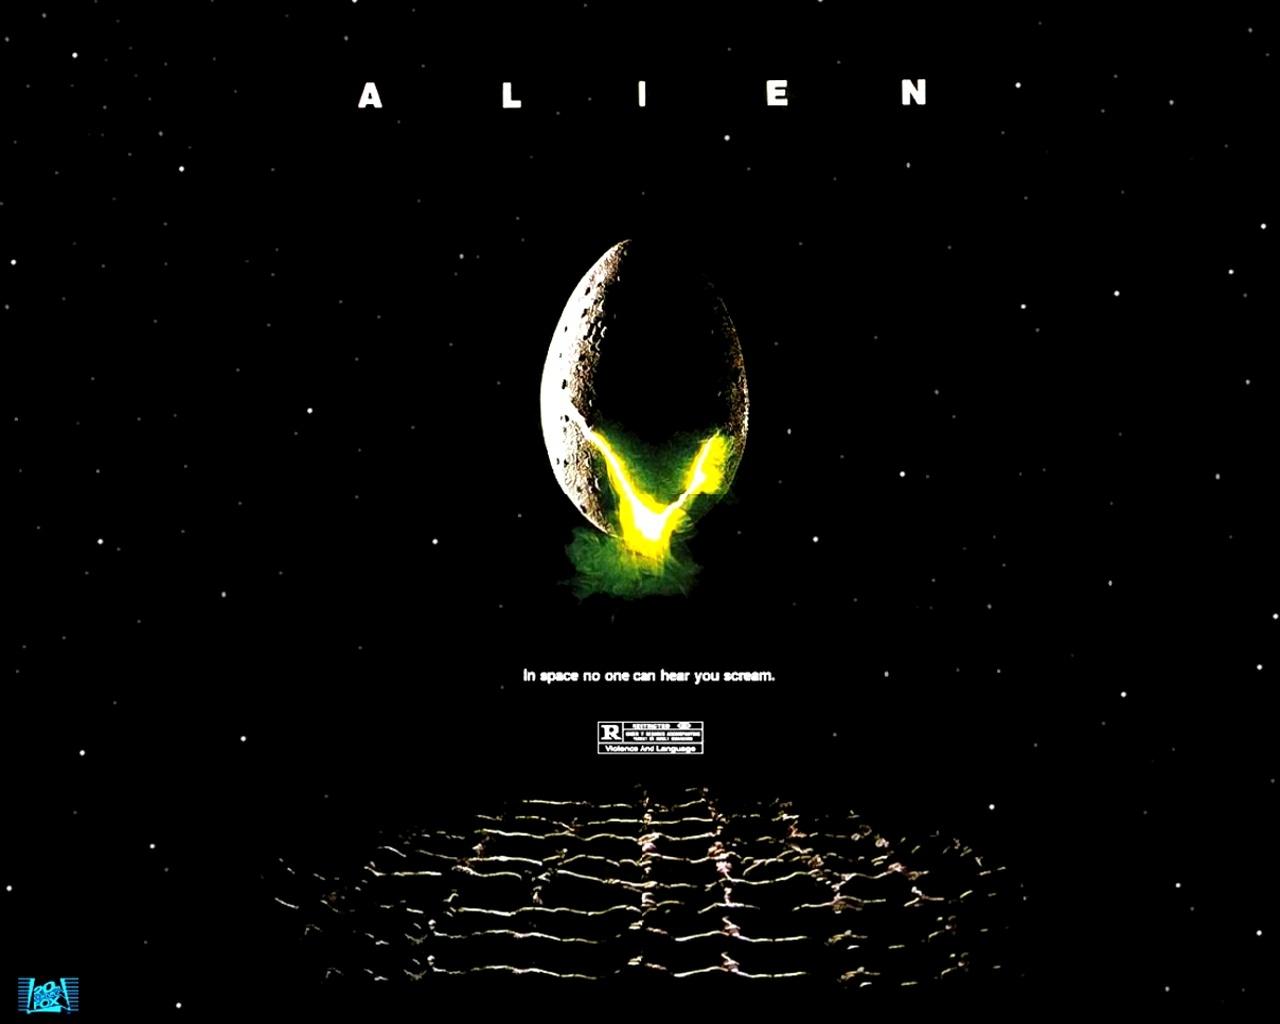 ALIEN Alien 1280x1024